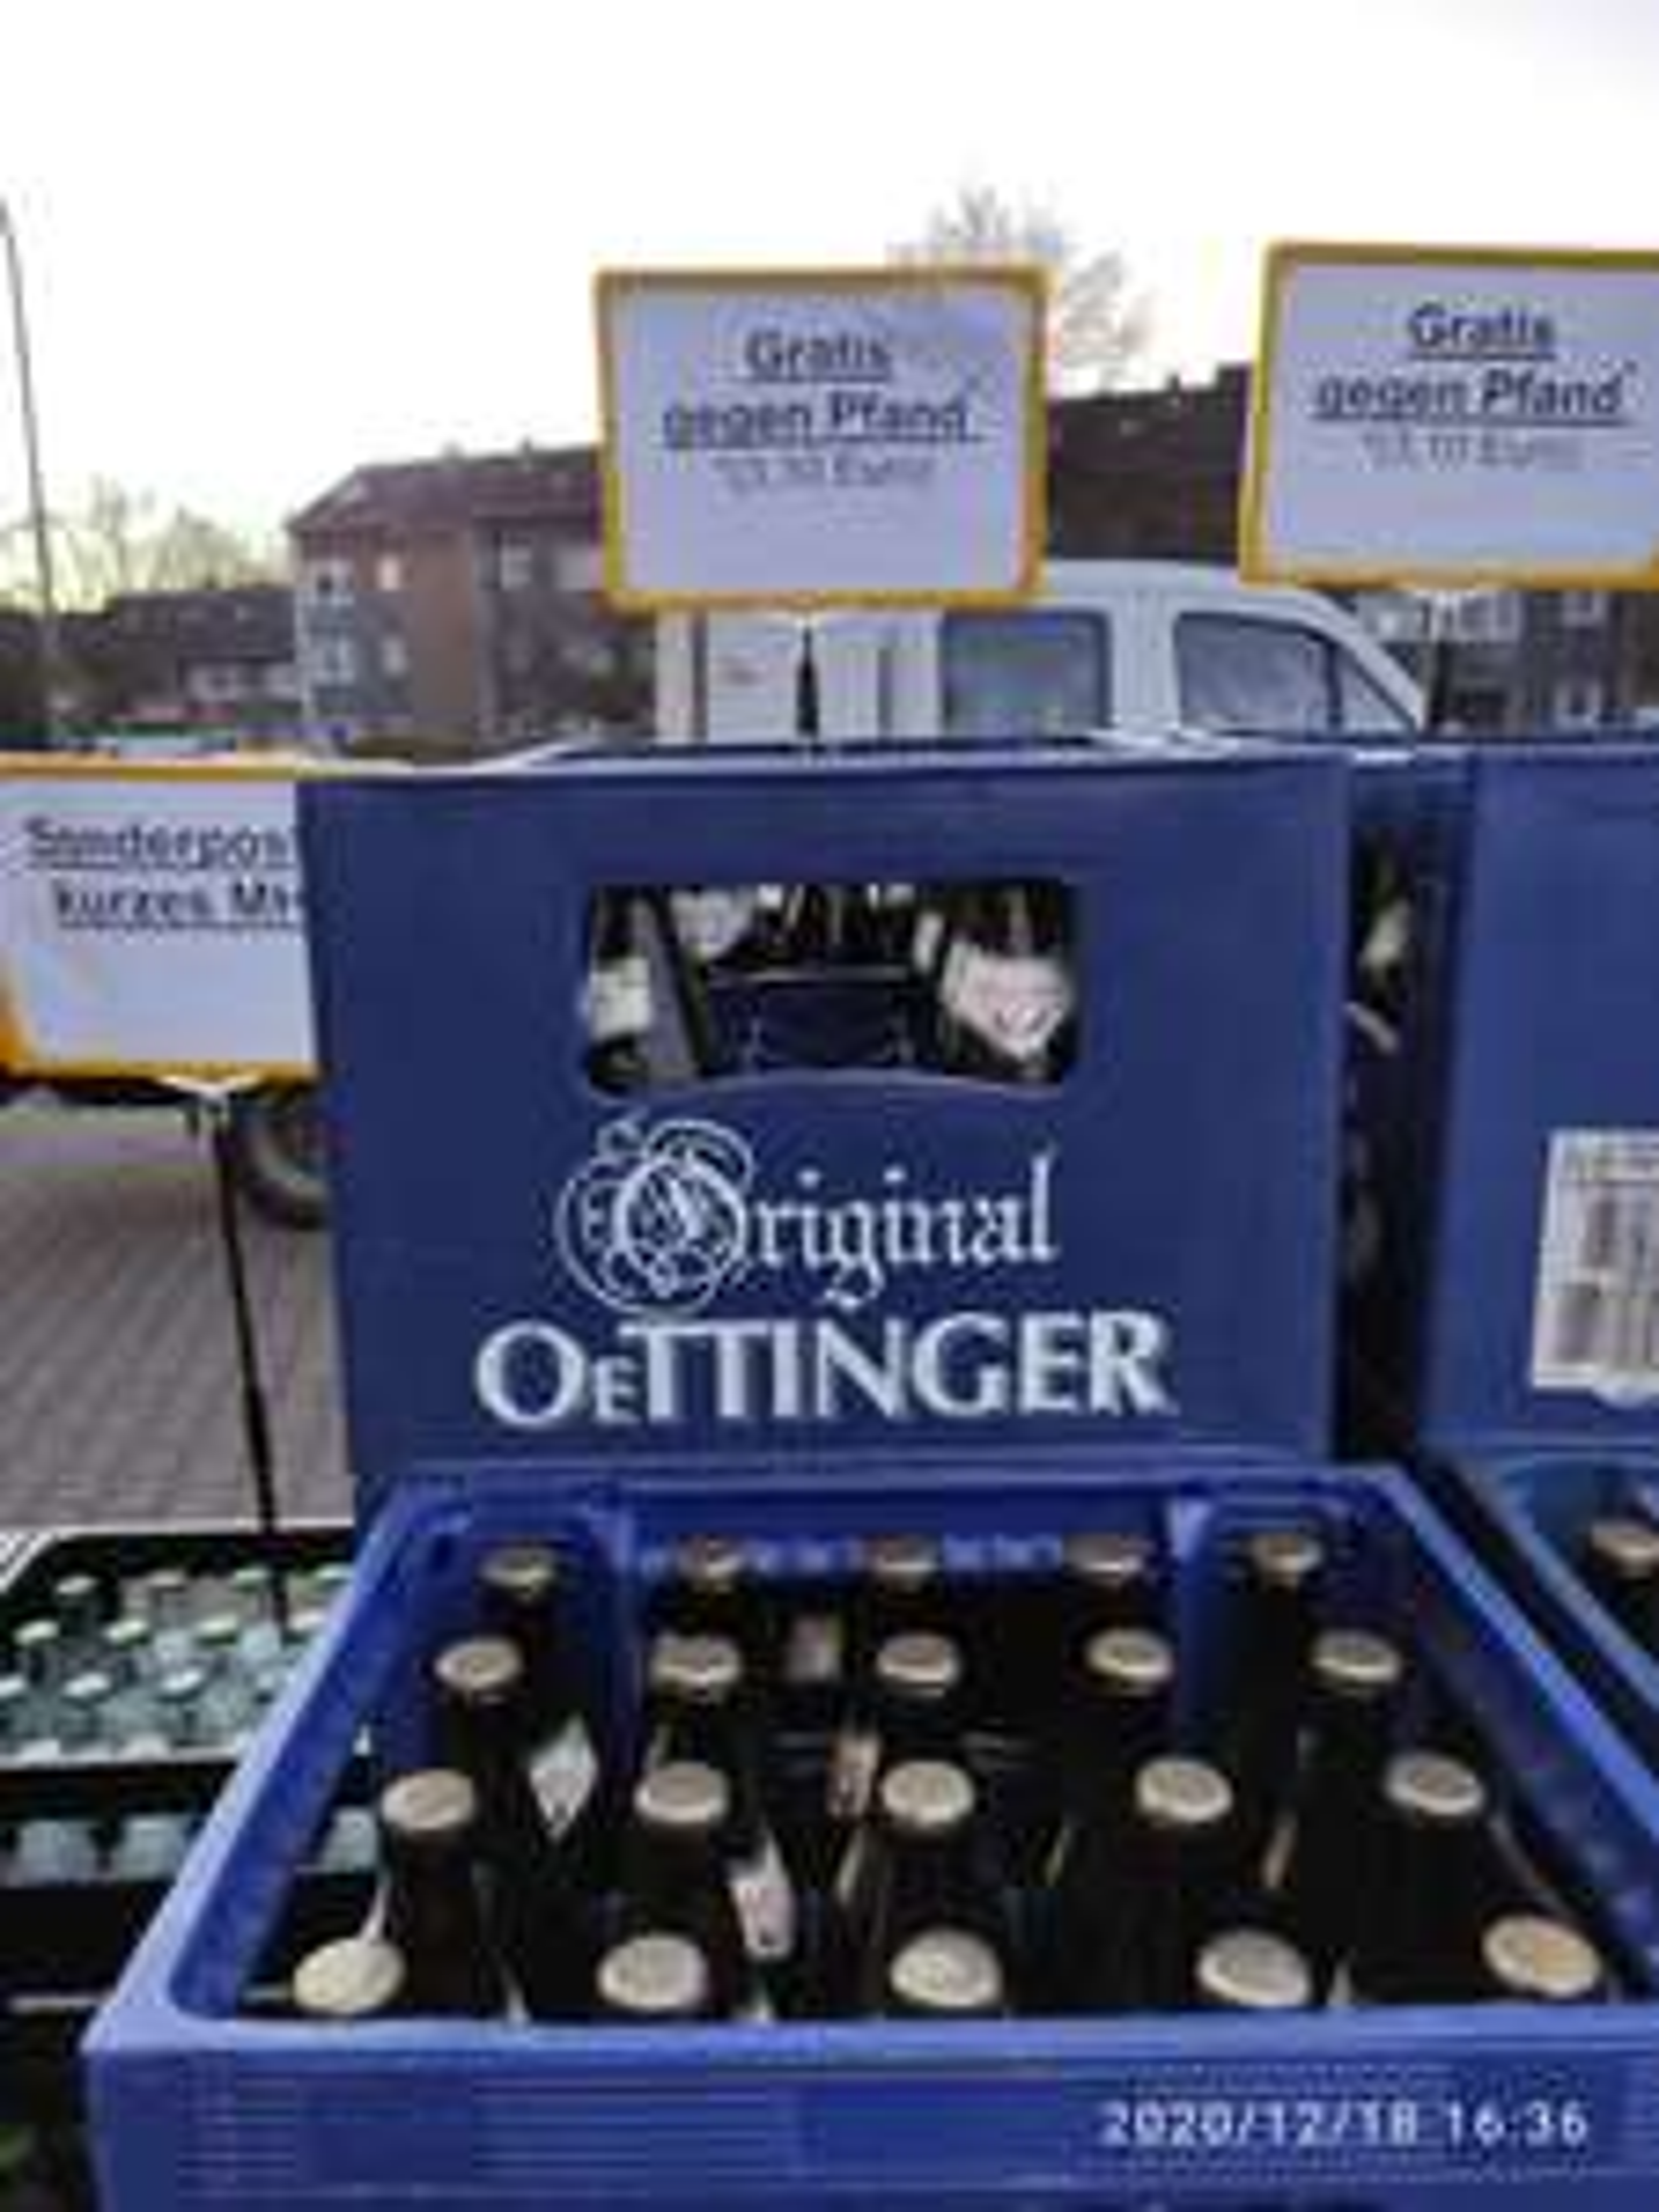 Lokal (Essen, NRW): Kasten Oettinger alkoholfrei für 0,00€ bei Trinkgut (weitere Angebote: Afri Cola, Jim Beam, Bier)